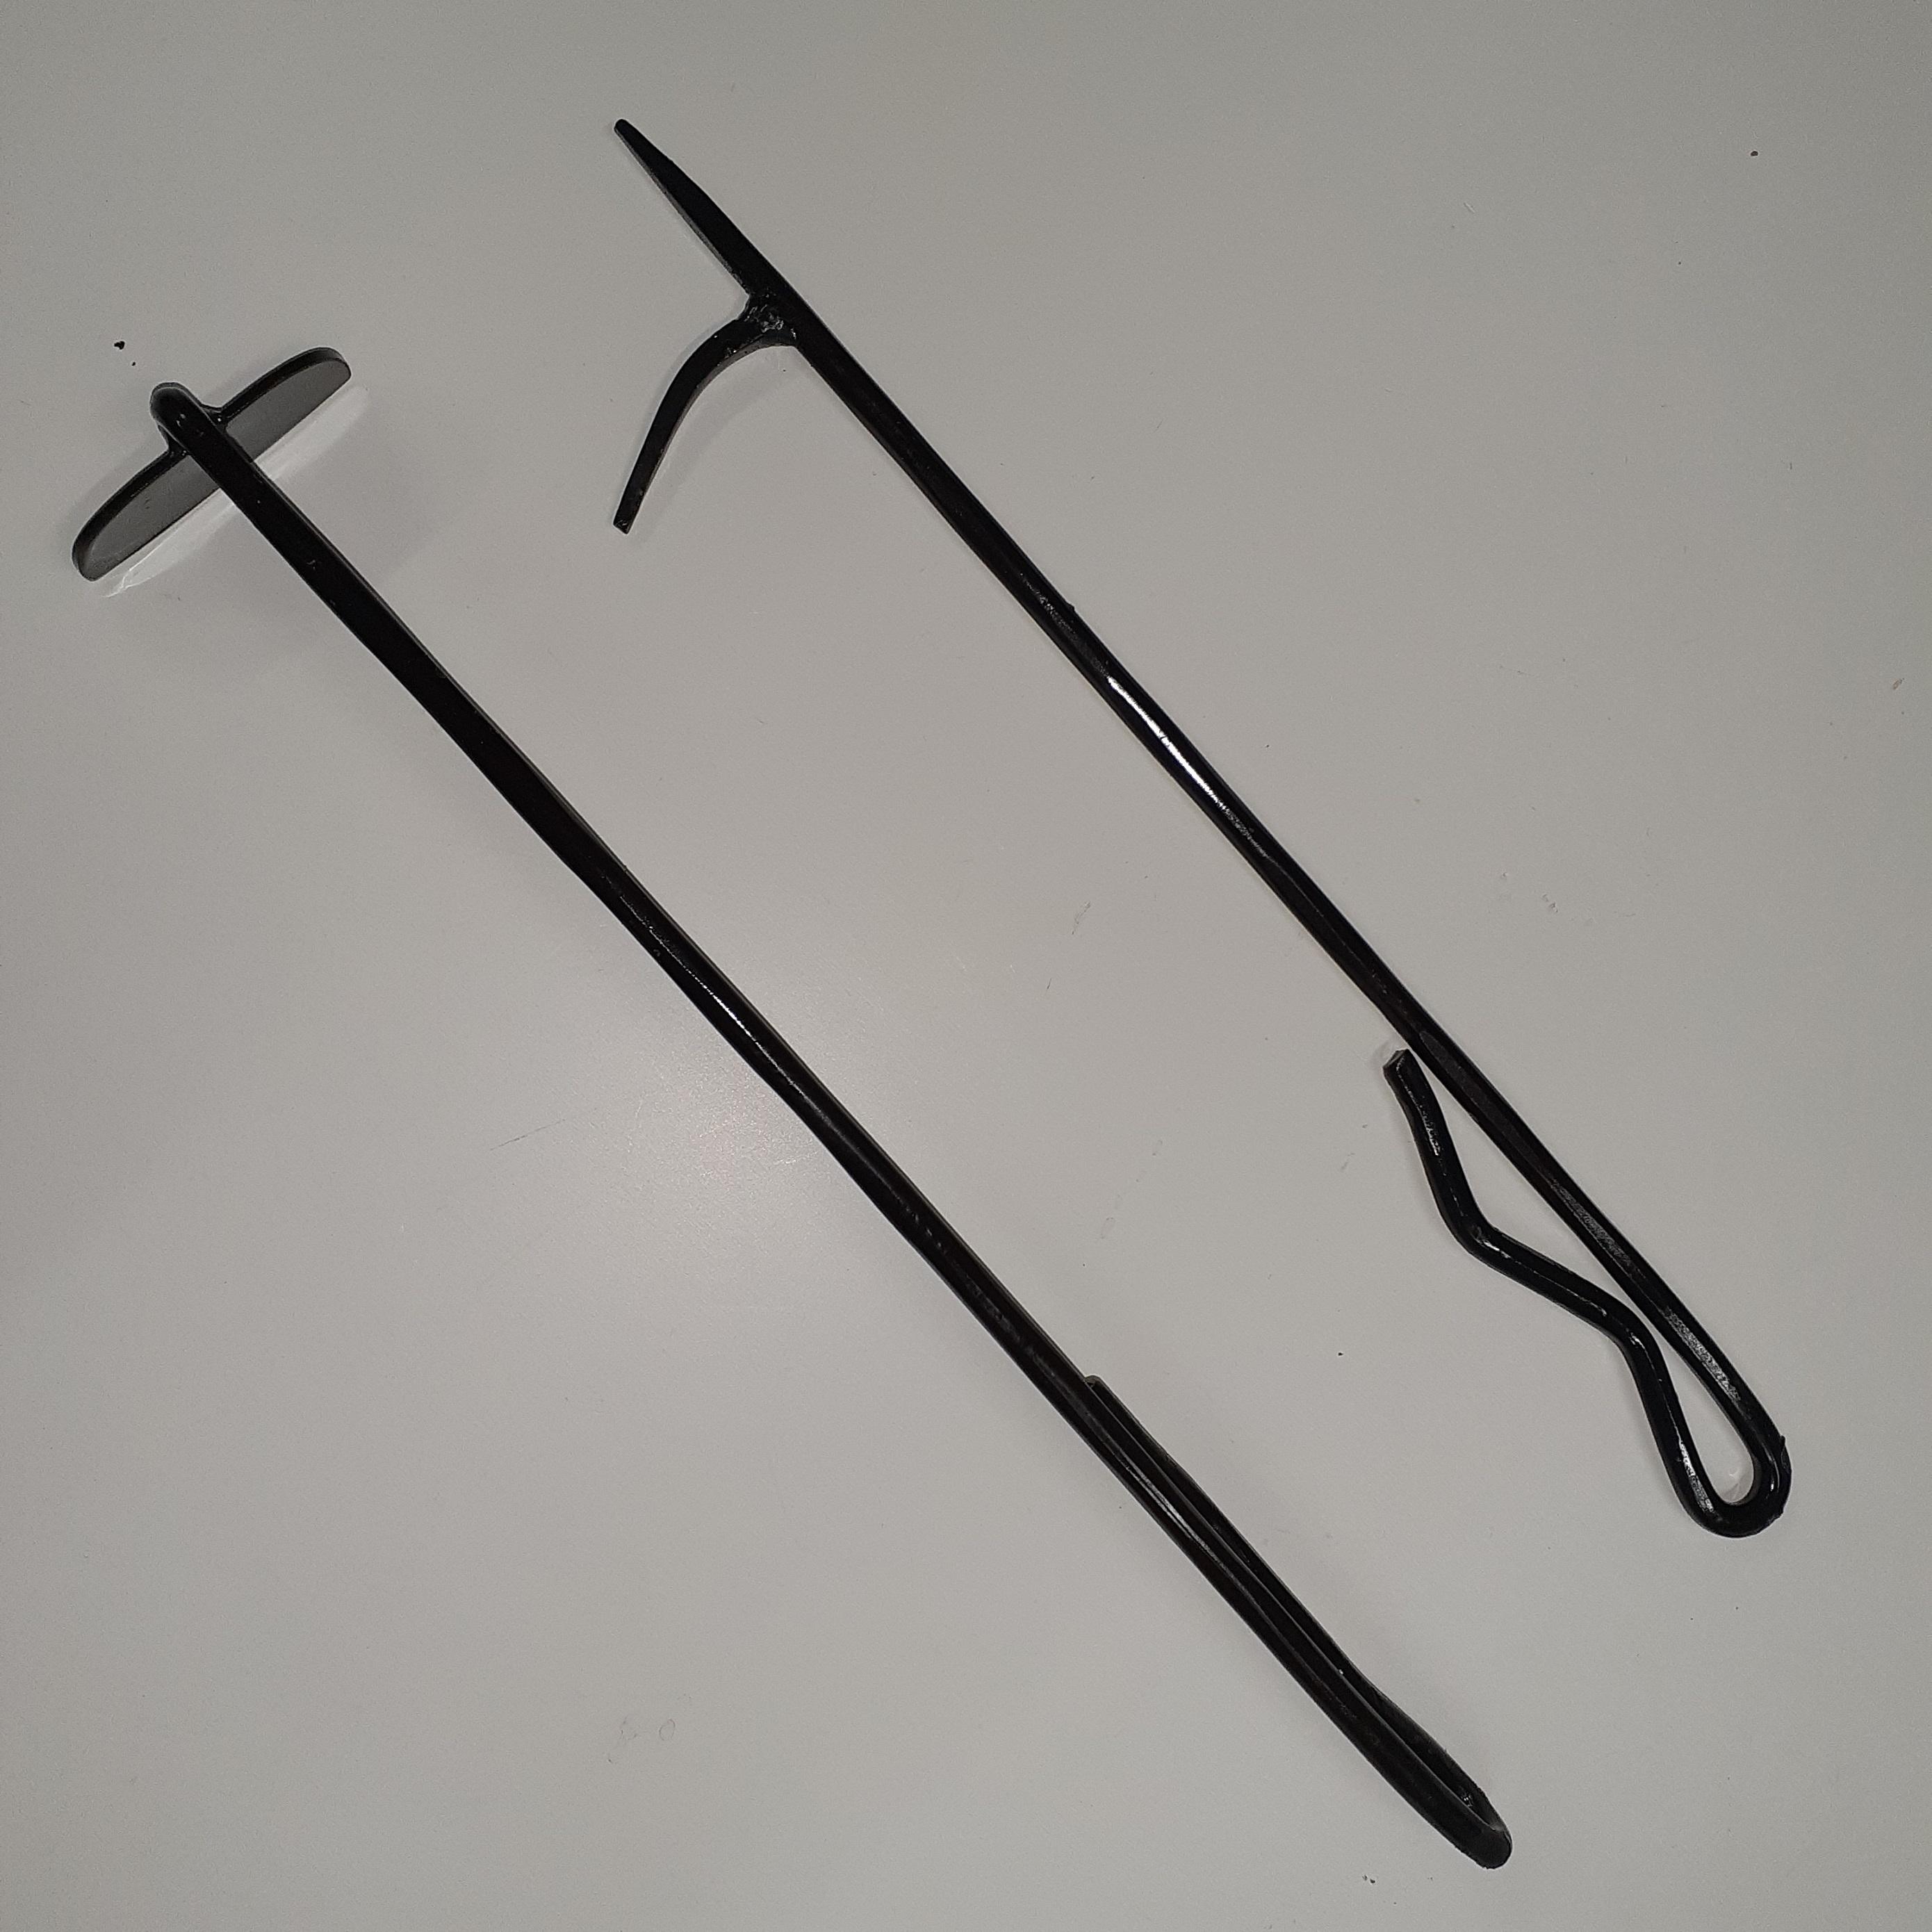 職人おすすめの道具 【火かき棒・灰かきセット 】 数量限定5セット